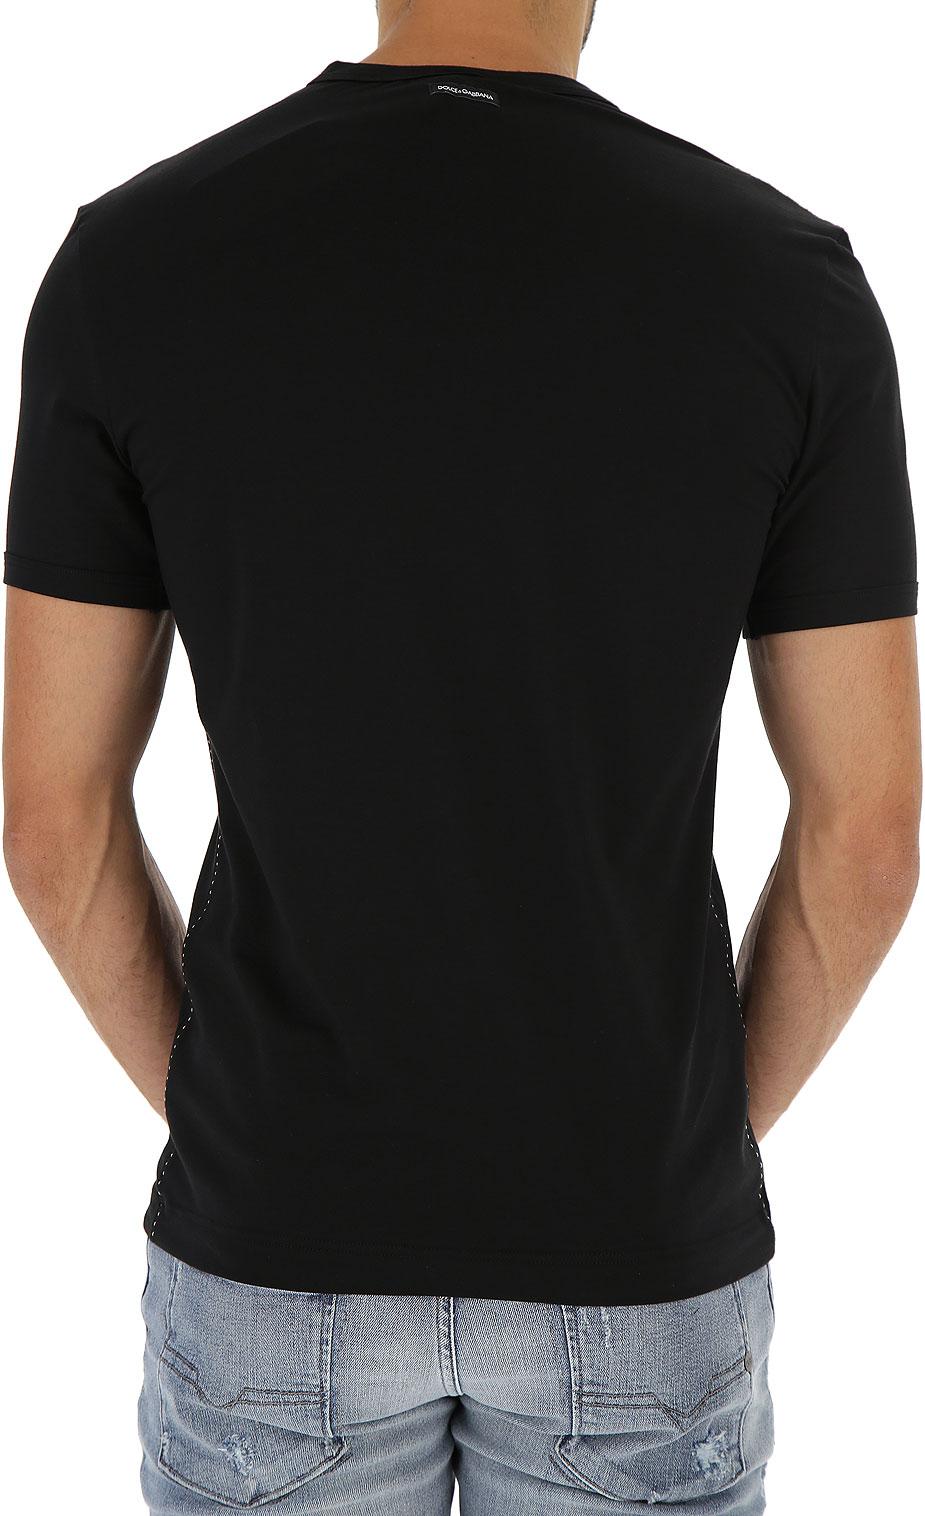 Vêtements PièceN8c02j DouxNuméro fughh amp; Homme n0000 Gabbana De WIDE2YH9